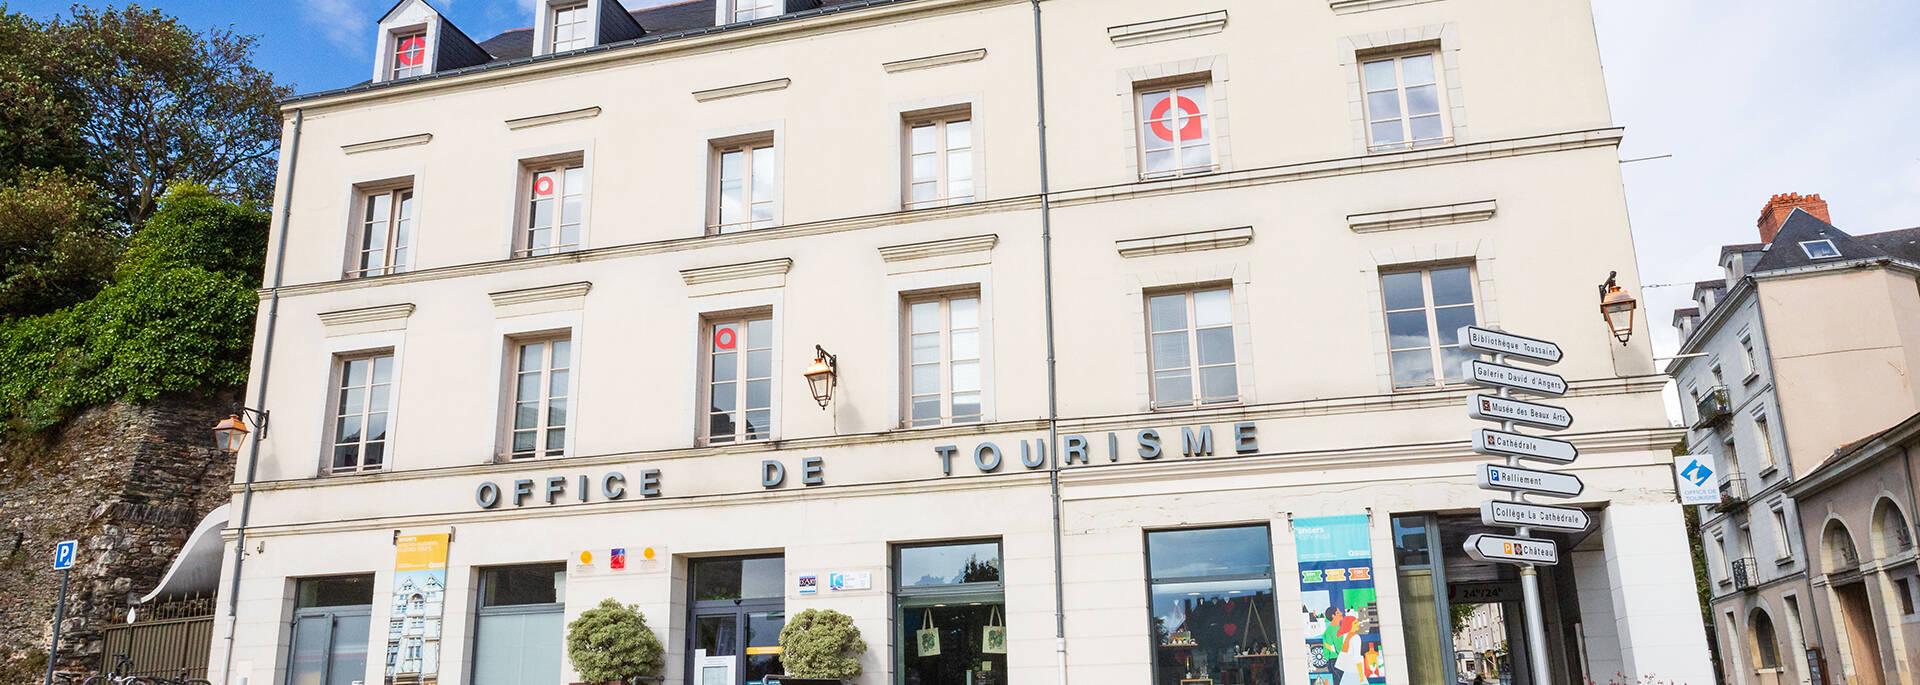 La Oficina de turismo de Angers